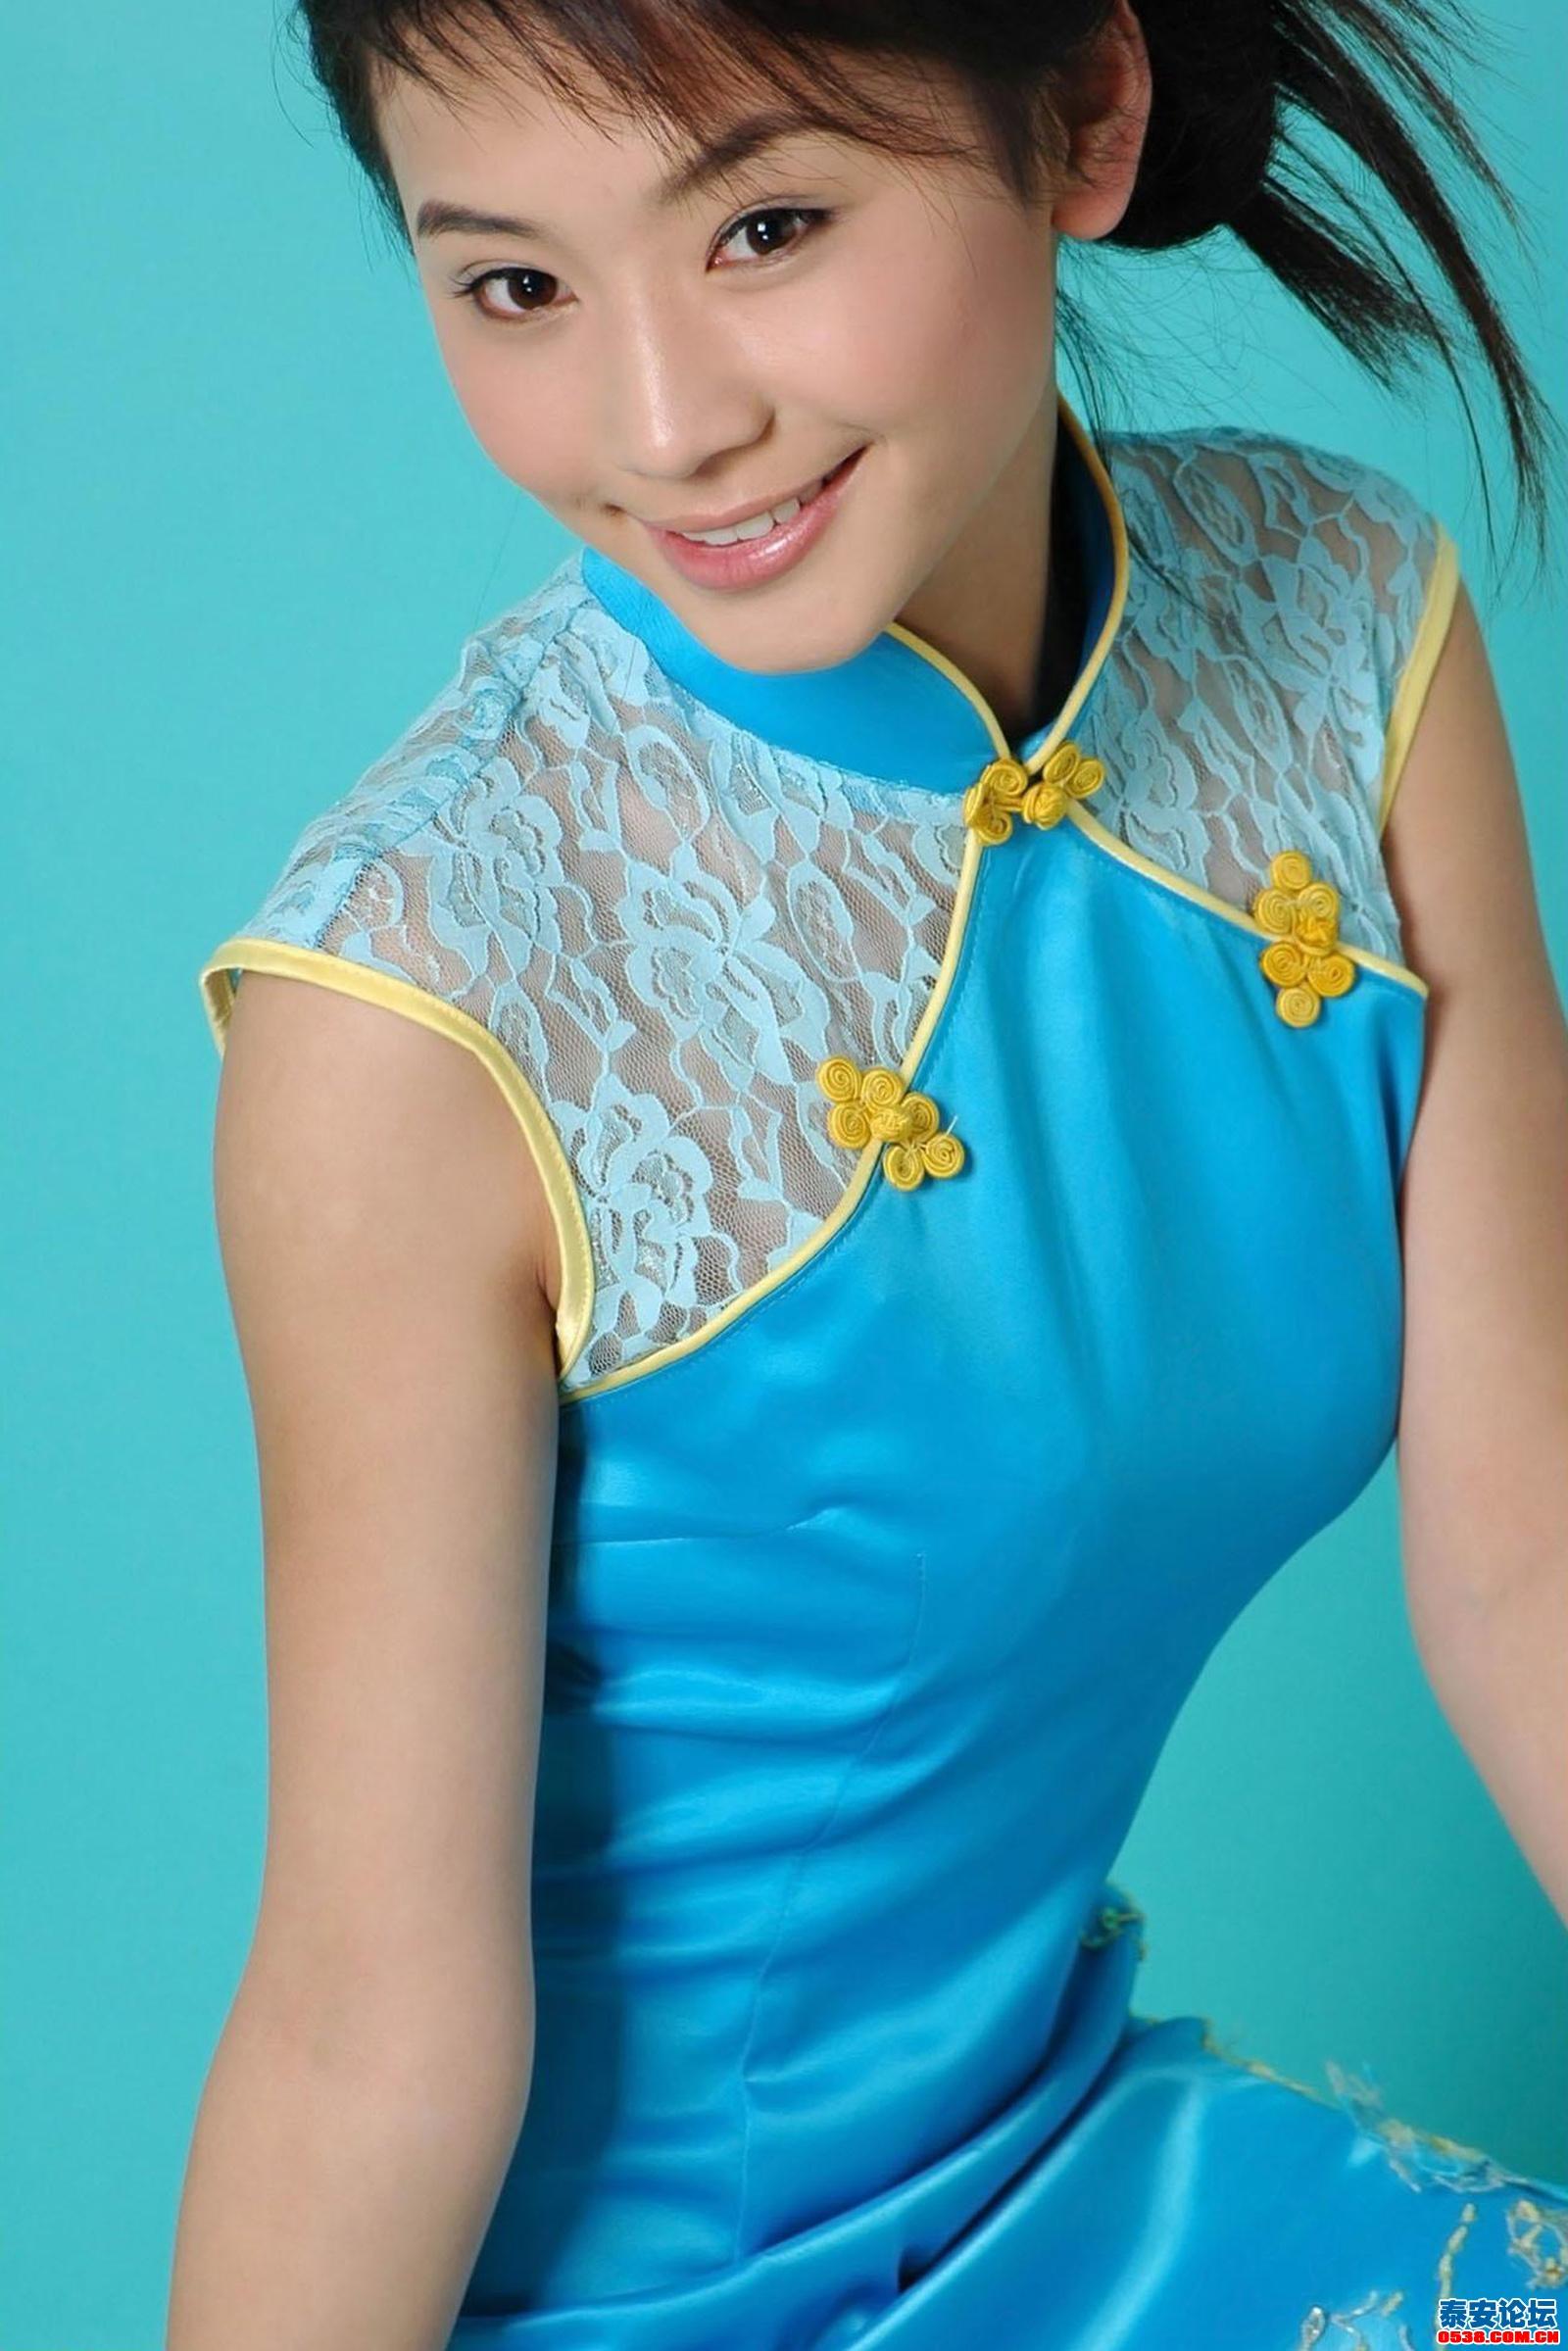 时尚旗袍9; [ 旗袍美女 ]可爱的中国旗袍小妹妹; 可爱的中国旗袍小